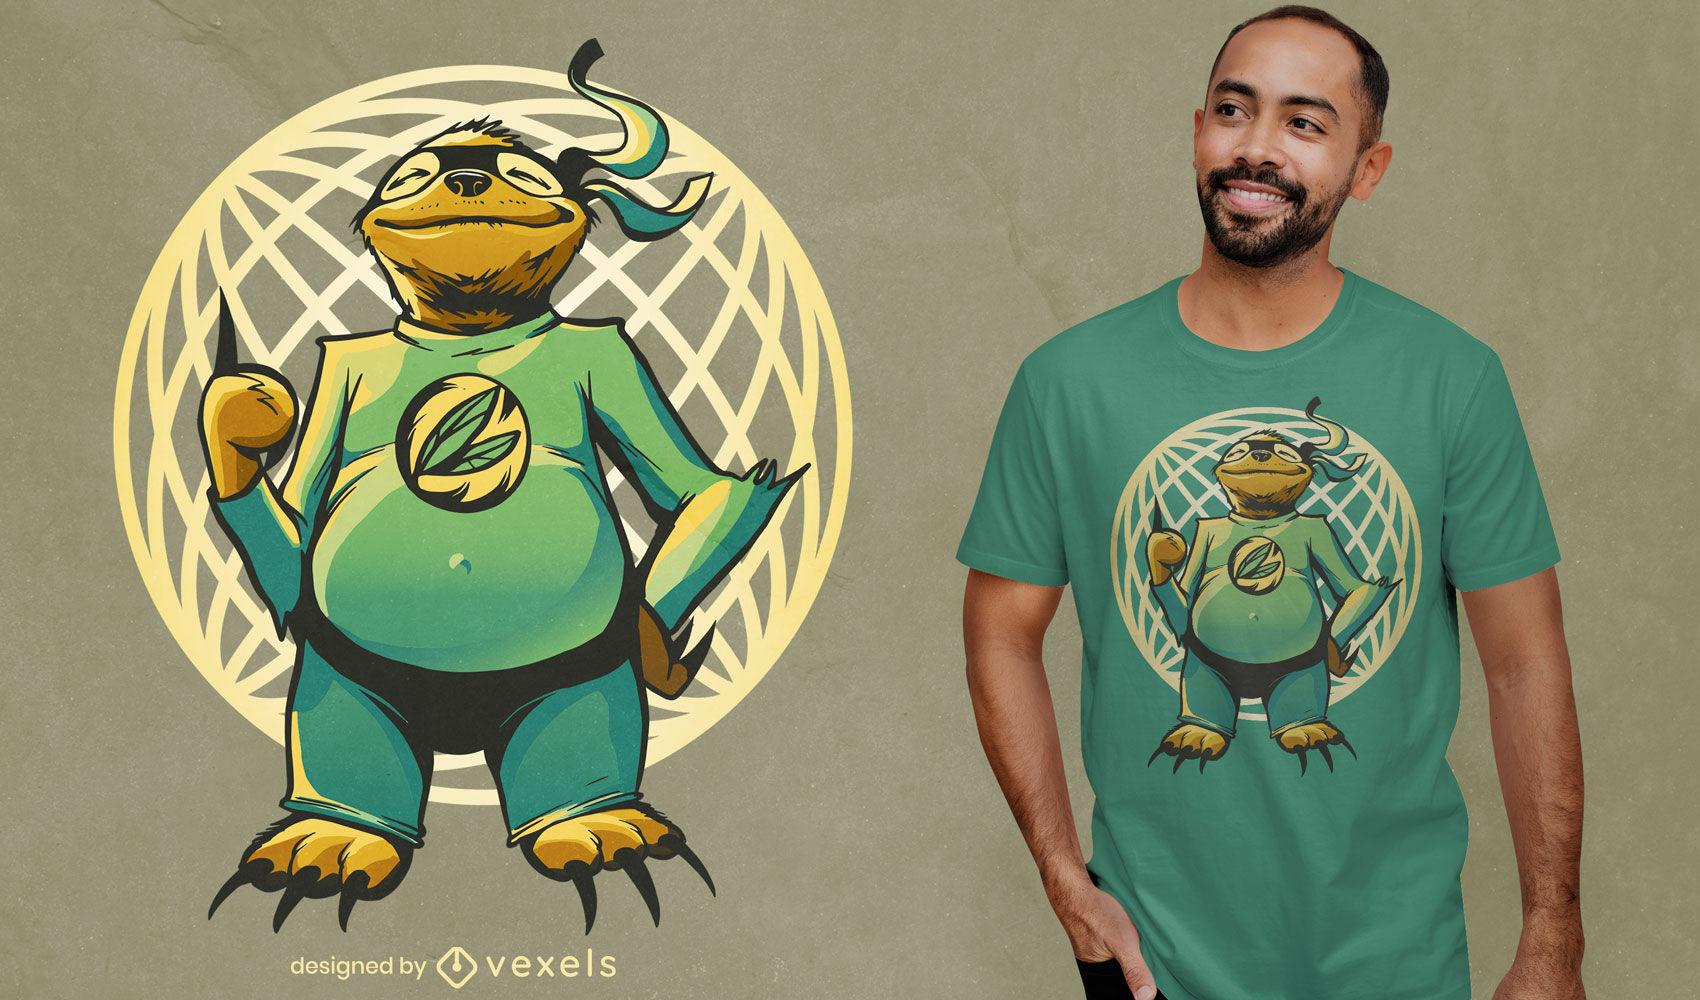 Funny super sloth t-shirt design